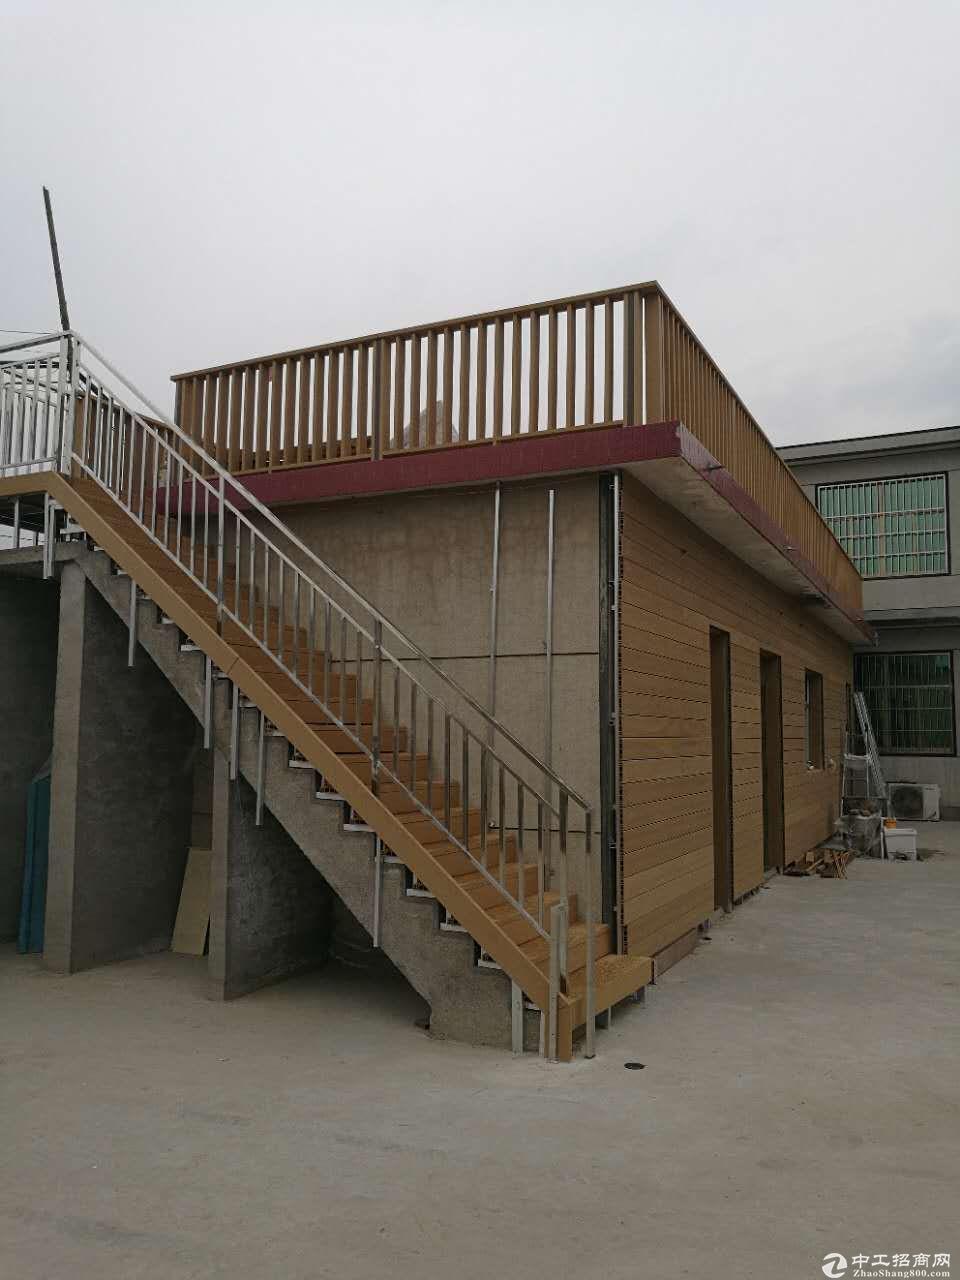 临沂兰山区义堂镇新建2000-3000平米标准钢结构厂房出租-图5